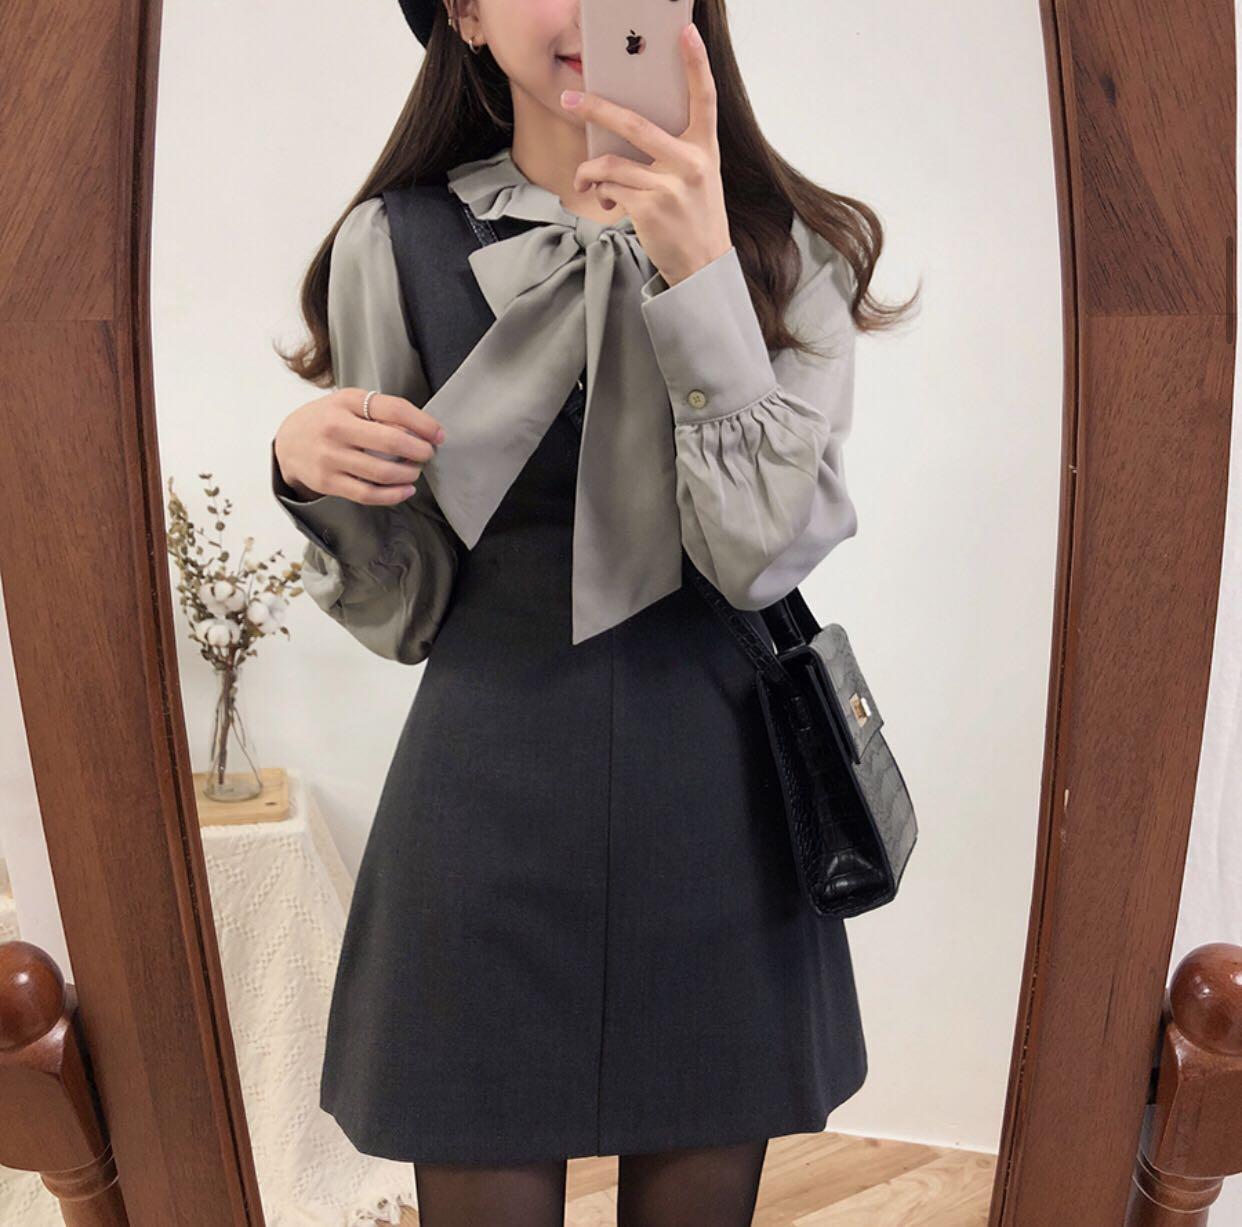 现货 小姐姐推荐 荷叶边系带衬衫+背心裙套装